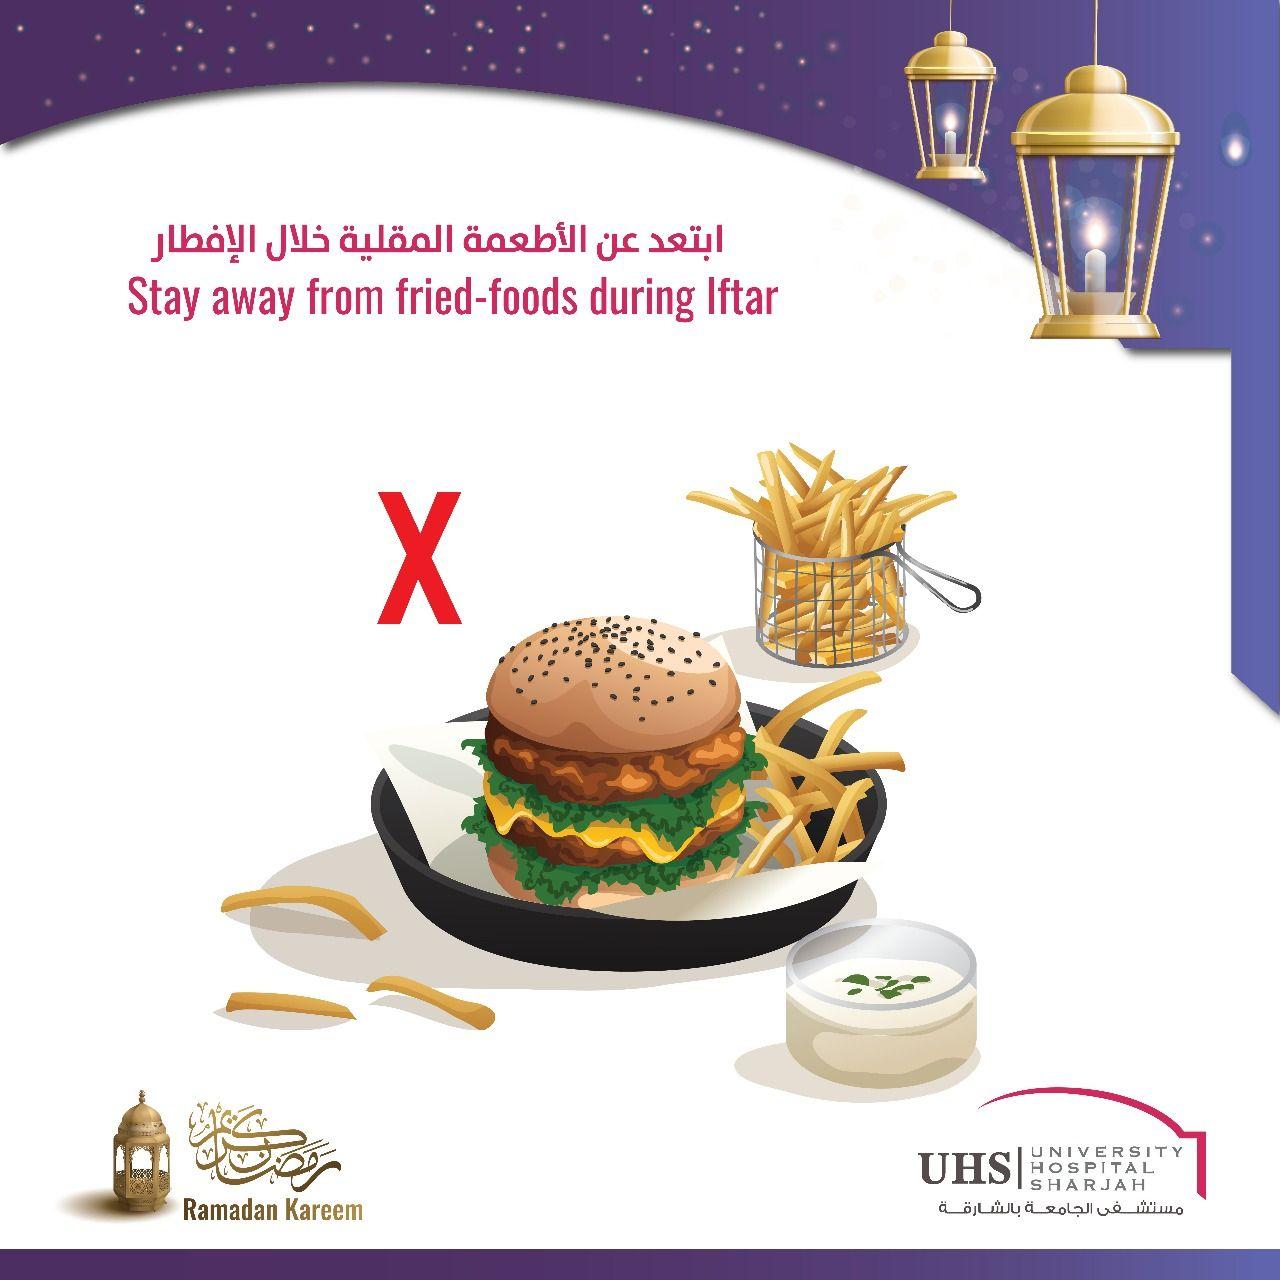 ابتعد عن الأطعمة المقلية خلال الإفطار تجنب الأطعمة الدهنية والمقلية مثل الزلابية والسمبوسة والمعجنات الدهنية لجني فوائد صحية Iftar Fried Food Ramadan Kareem